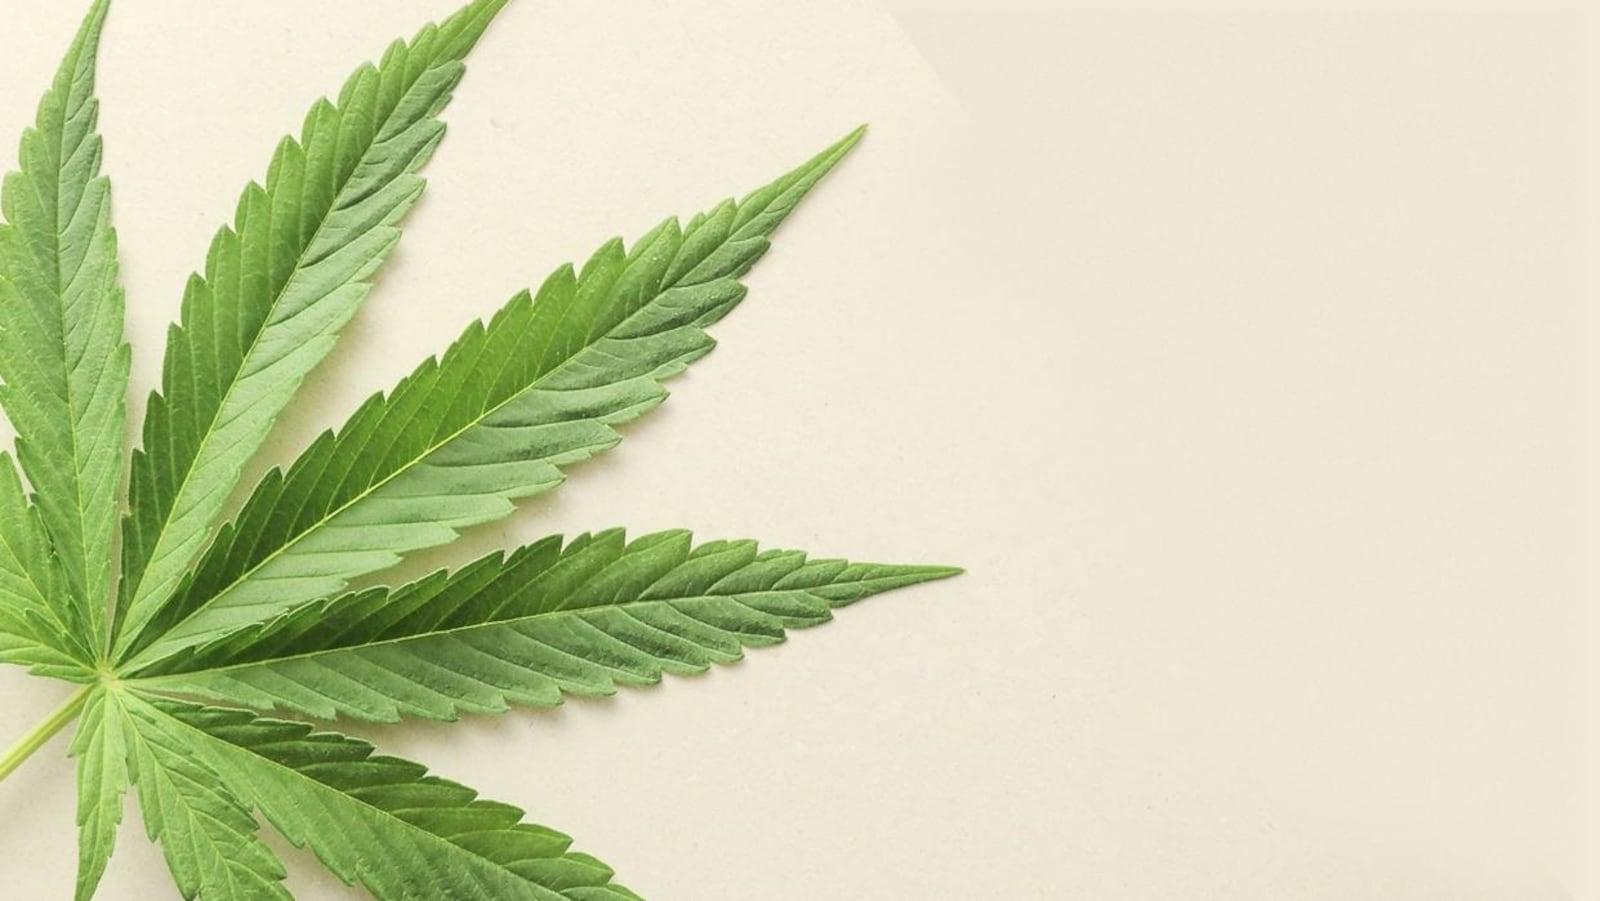 Une feuille de cannabis sur un fond beige